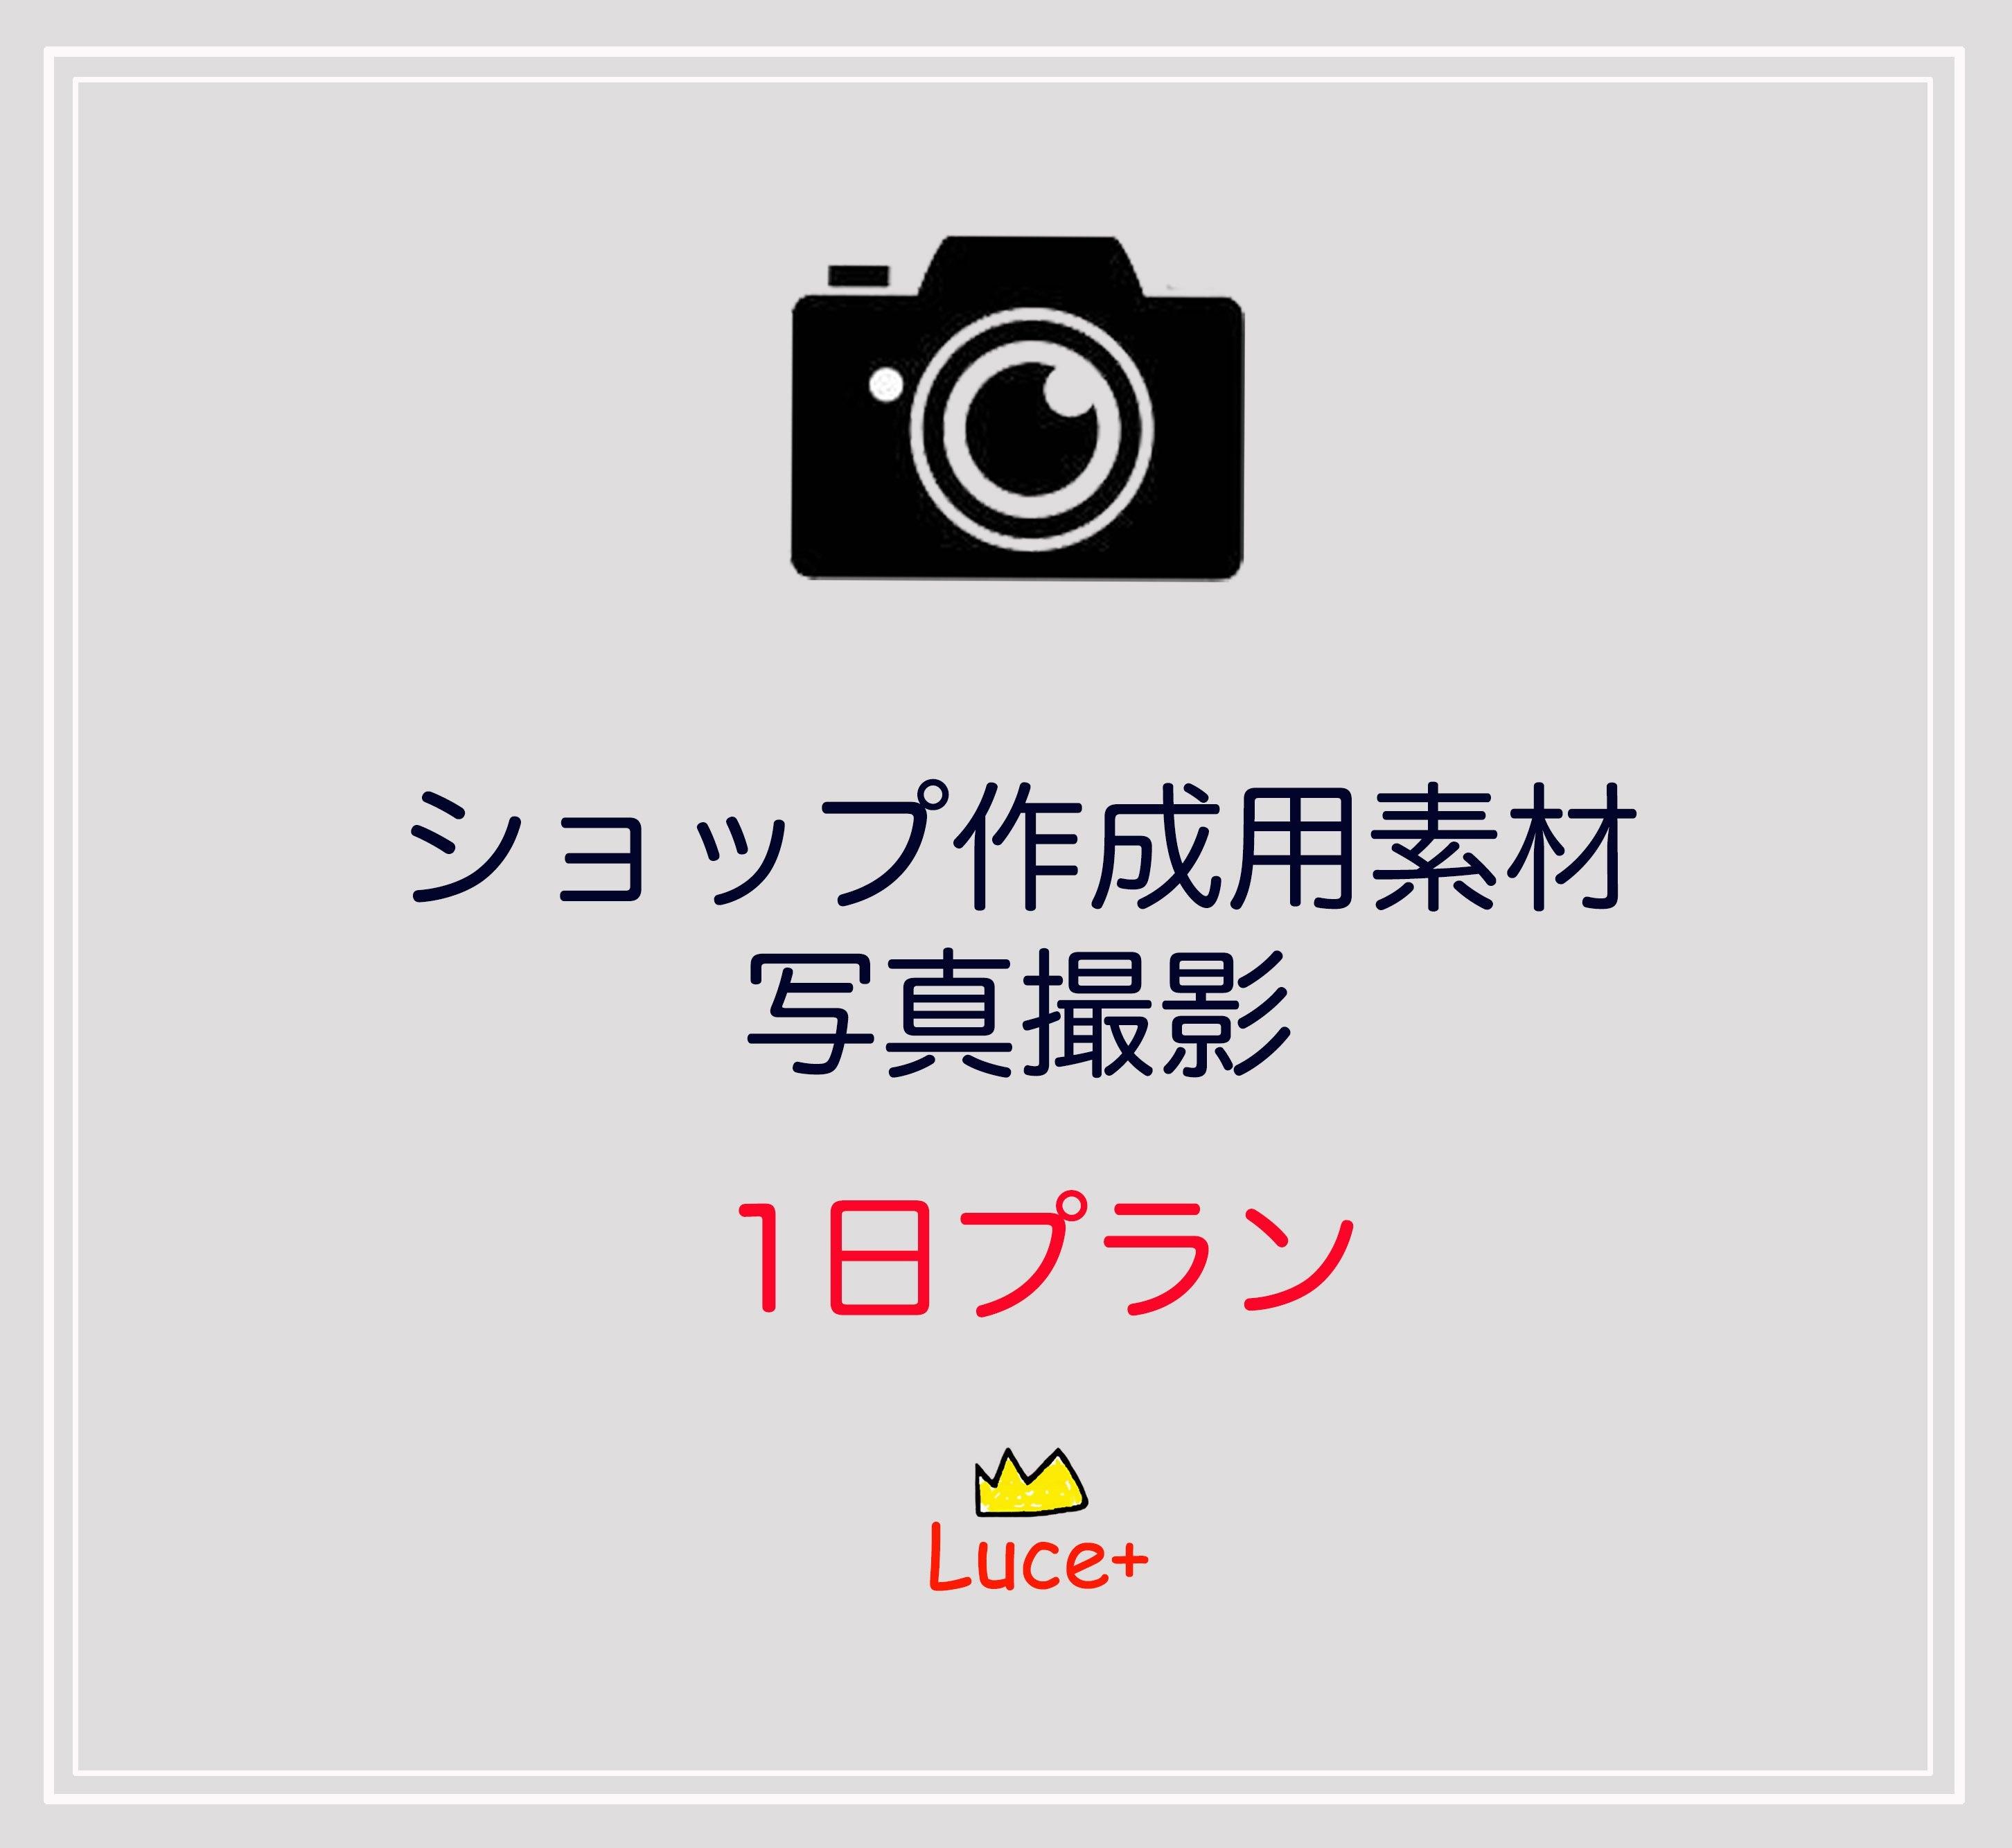 写真撮影 ホームページ・ネットショップ用 1日プランのイメージその1